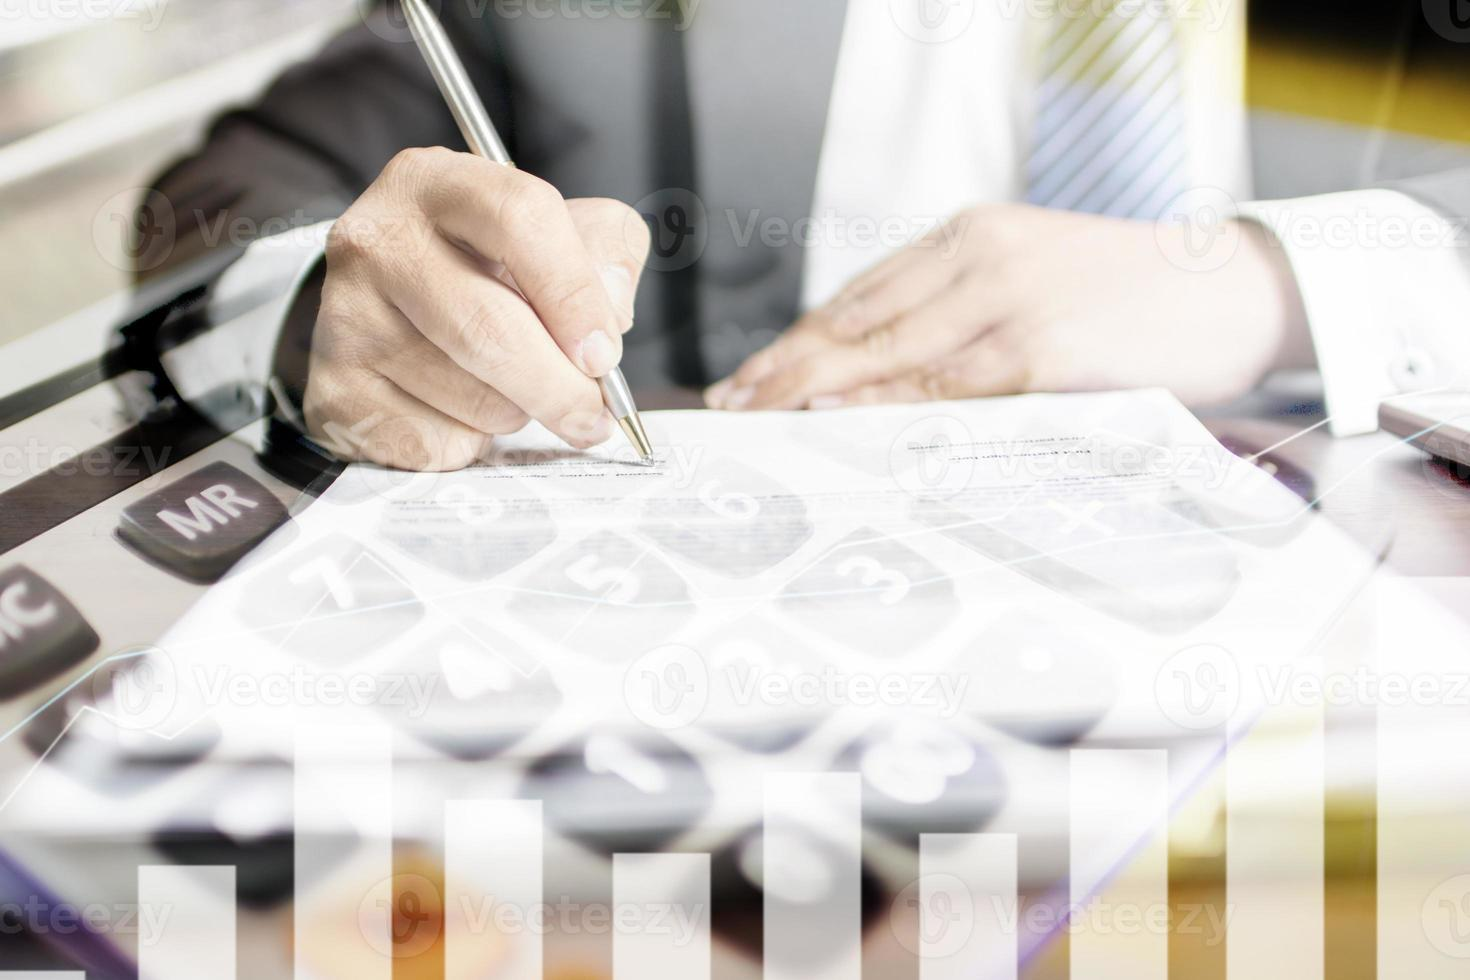 dubbele belichting ondertekening van documenten en rekenmachine foto